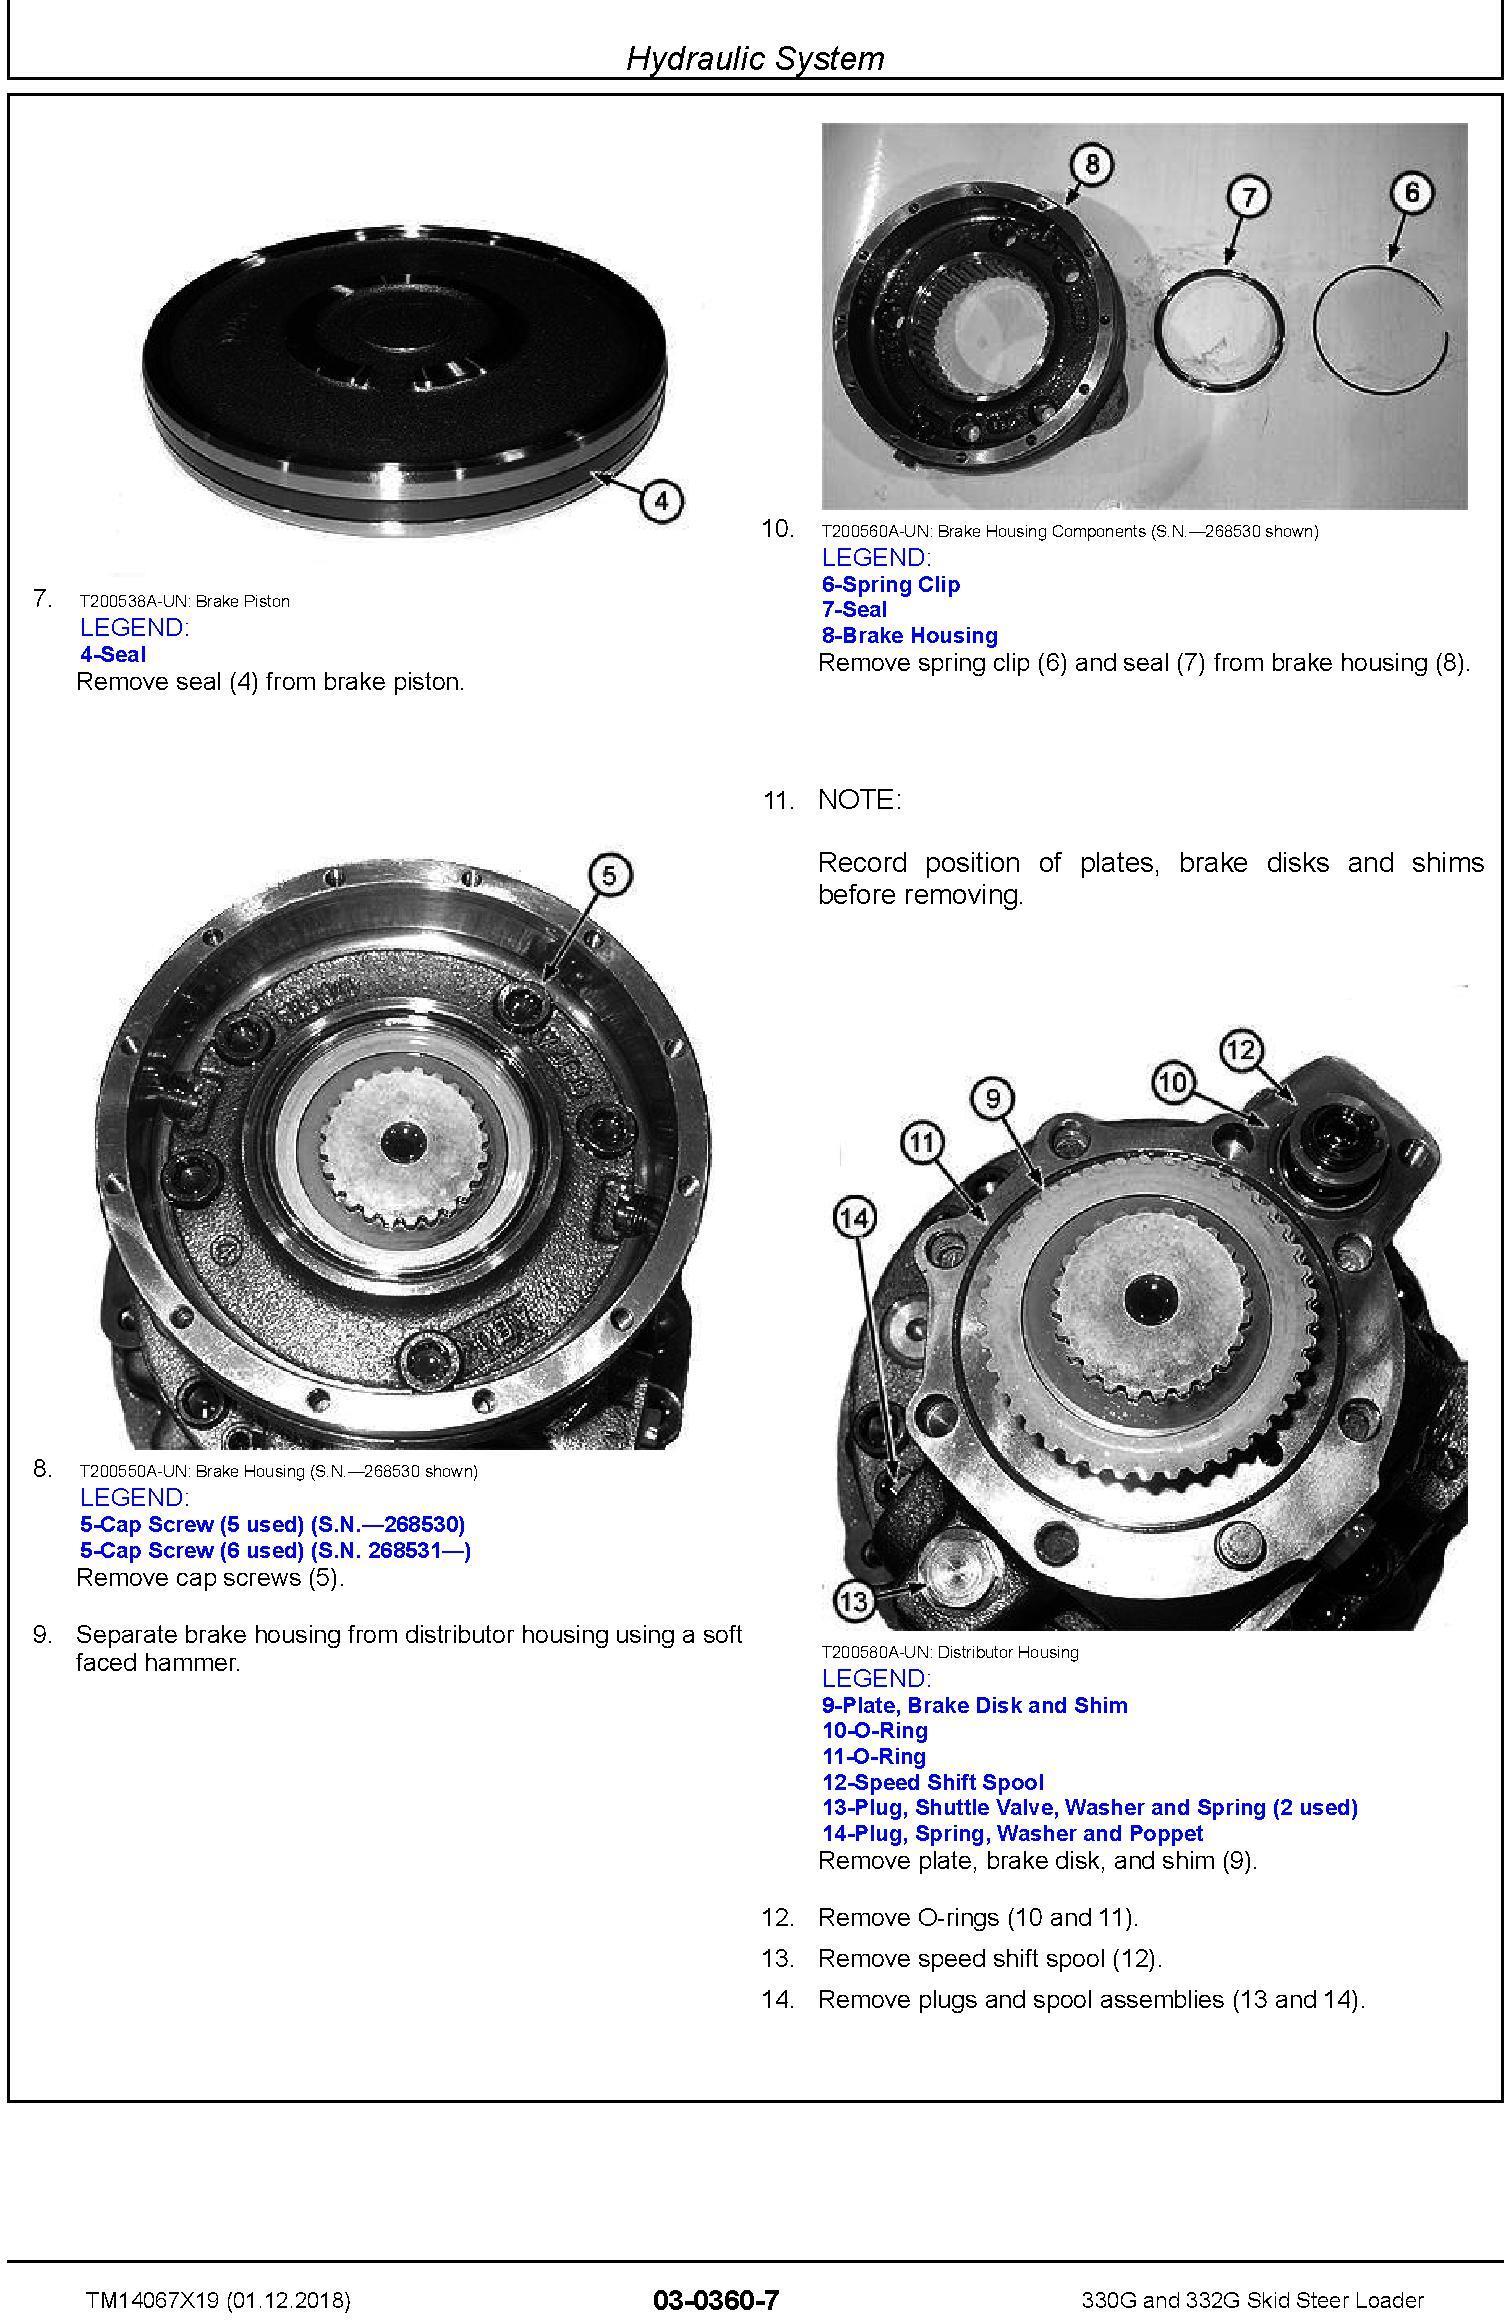 John Deere 330G and 332G Skid Steer Loader Service Repair Manual (TM14067X19) - 1